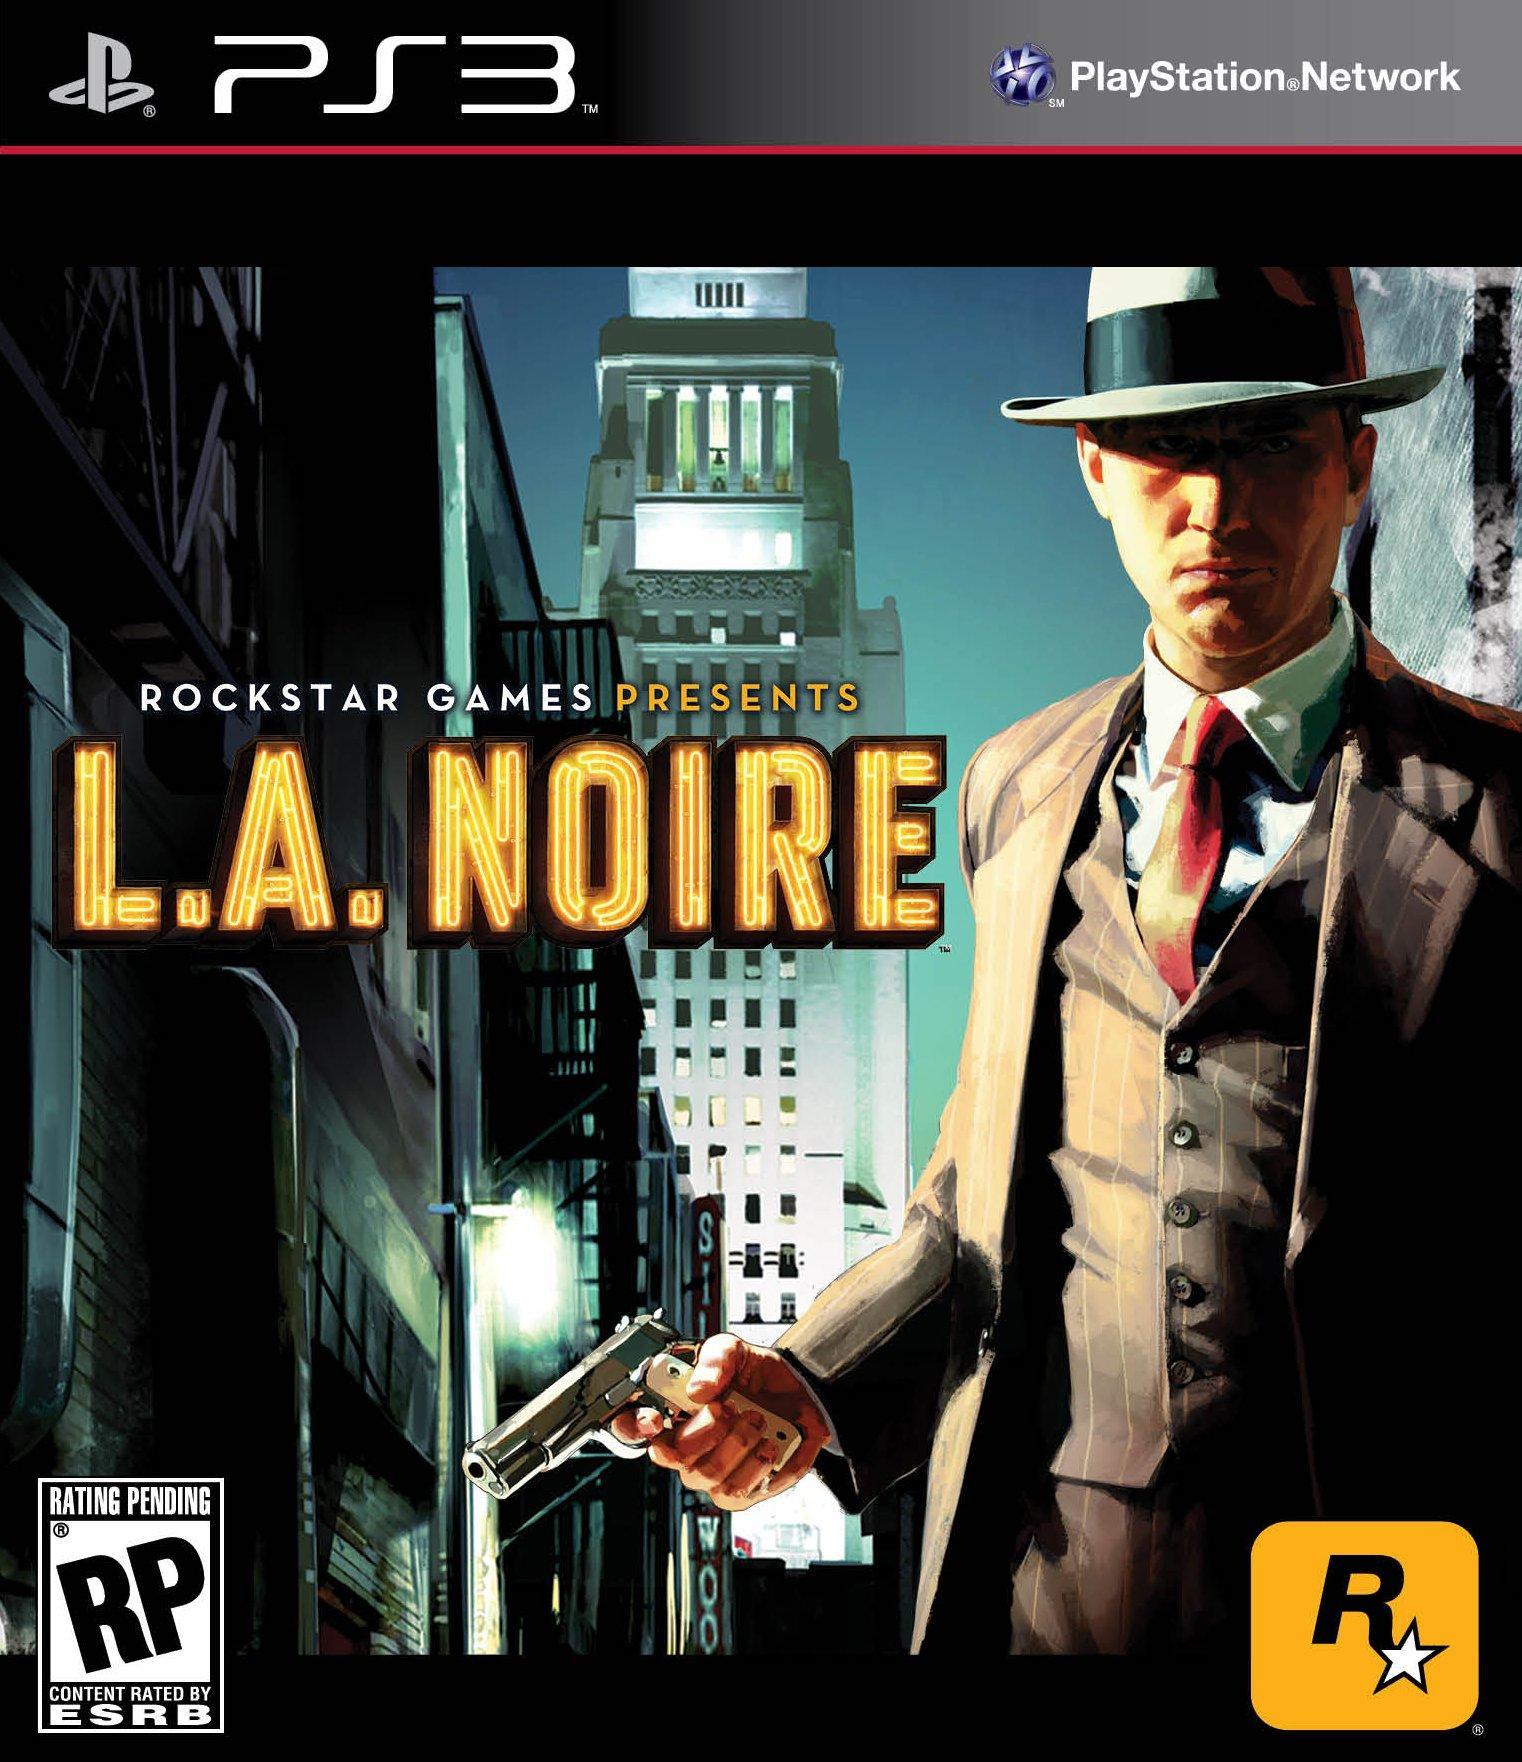 [Crack] L.A.Noire (CRACK) (L.A.Noire) [RUS] ������� ���� ...